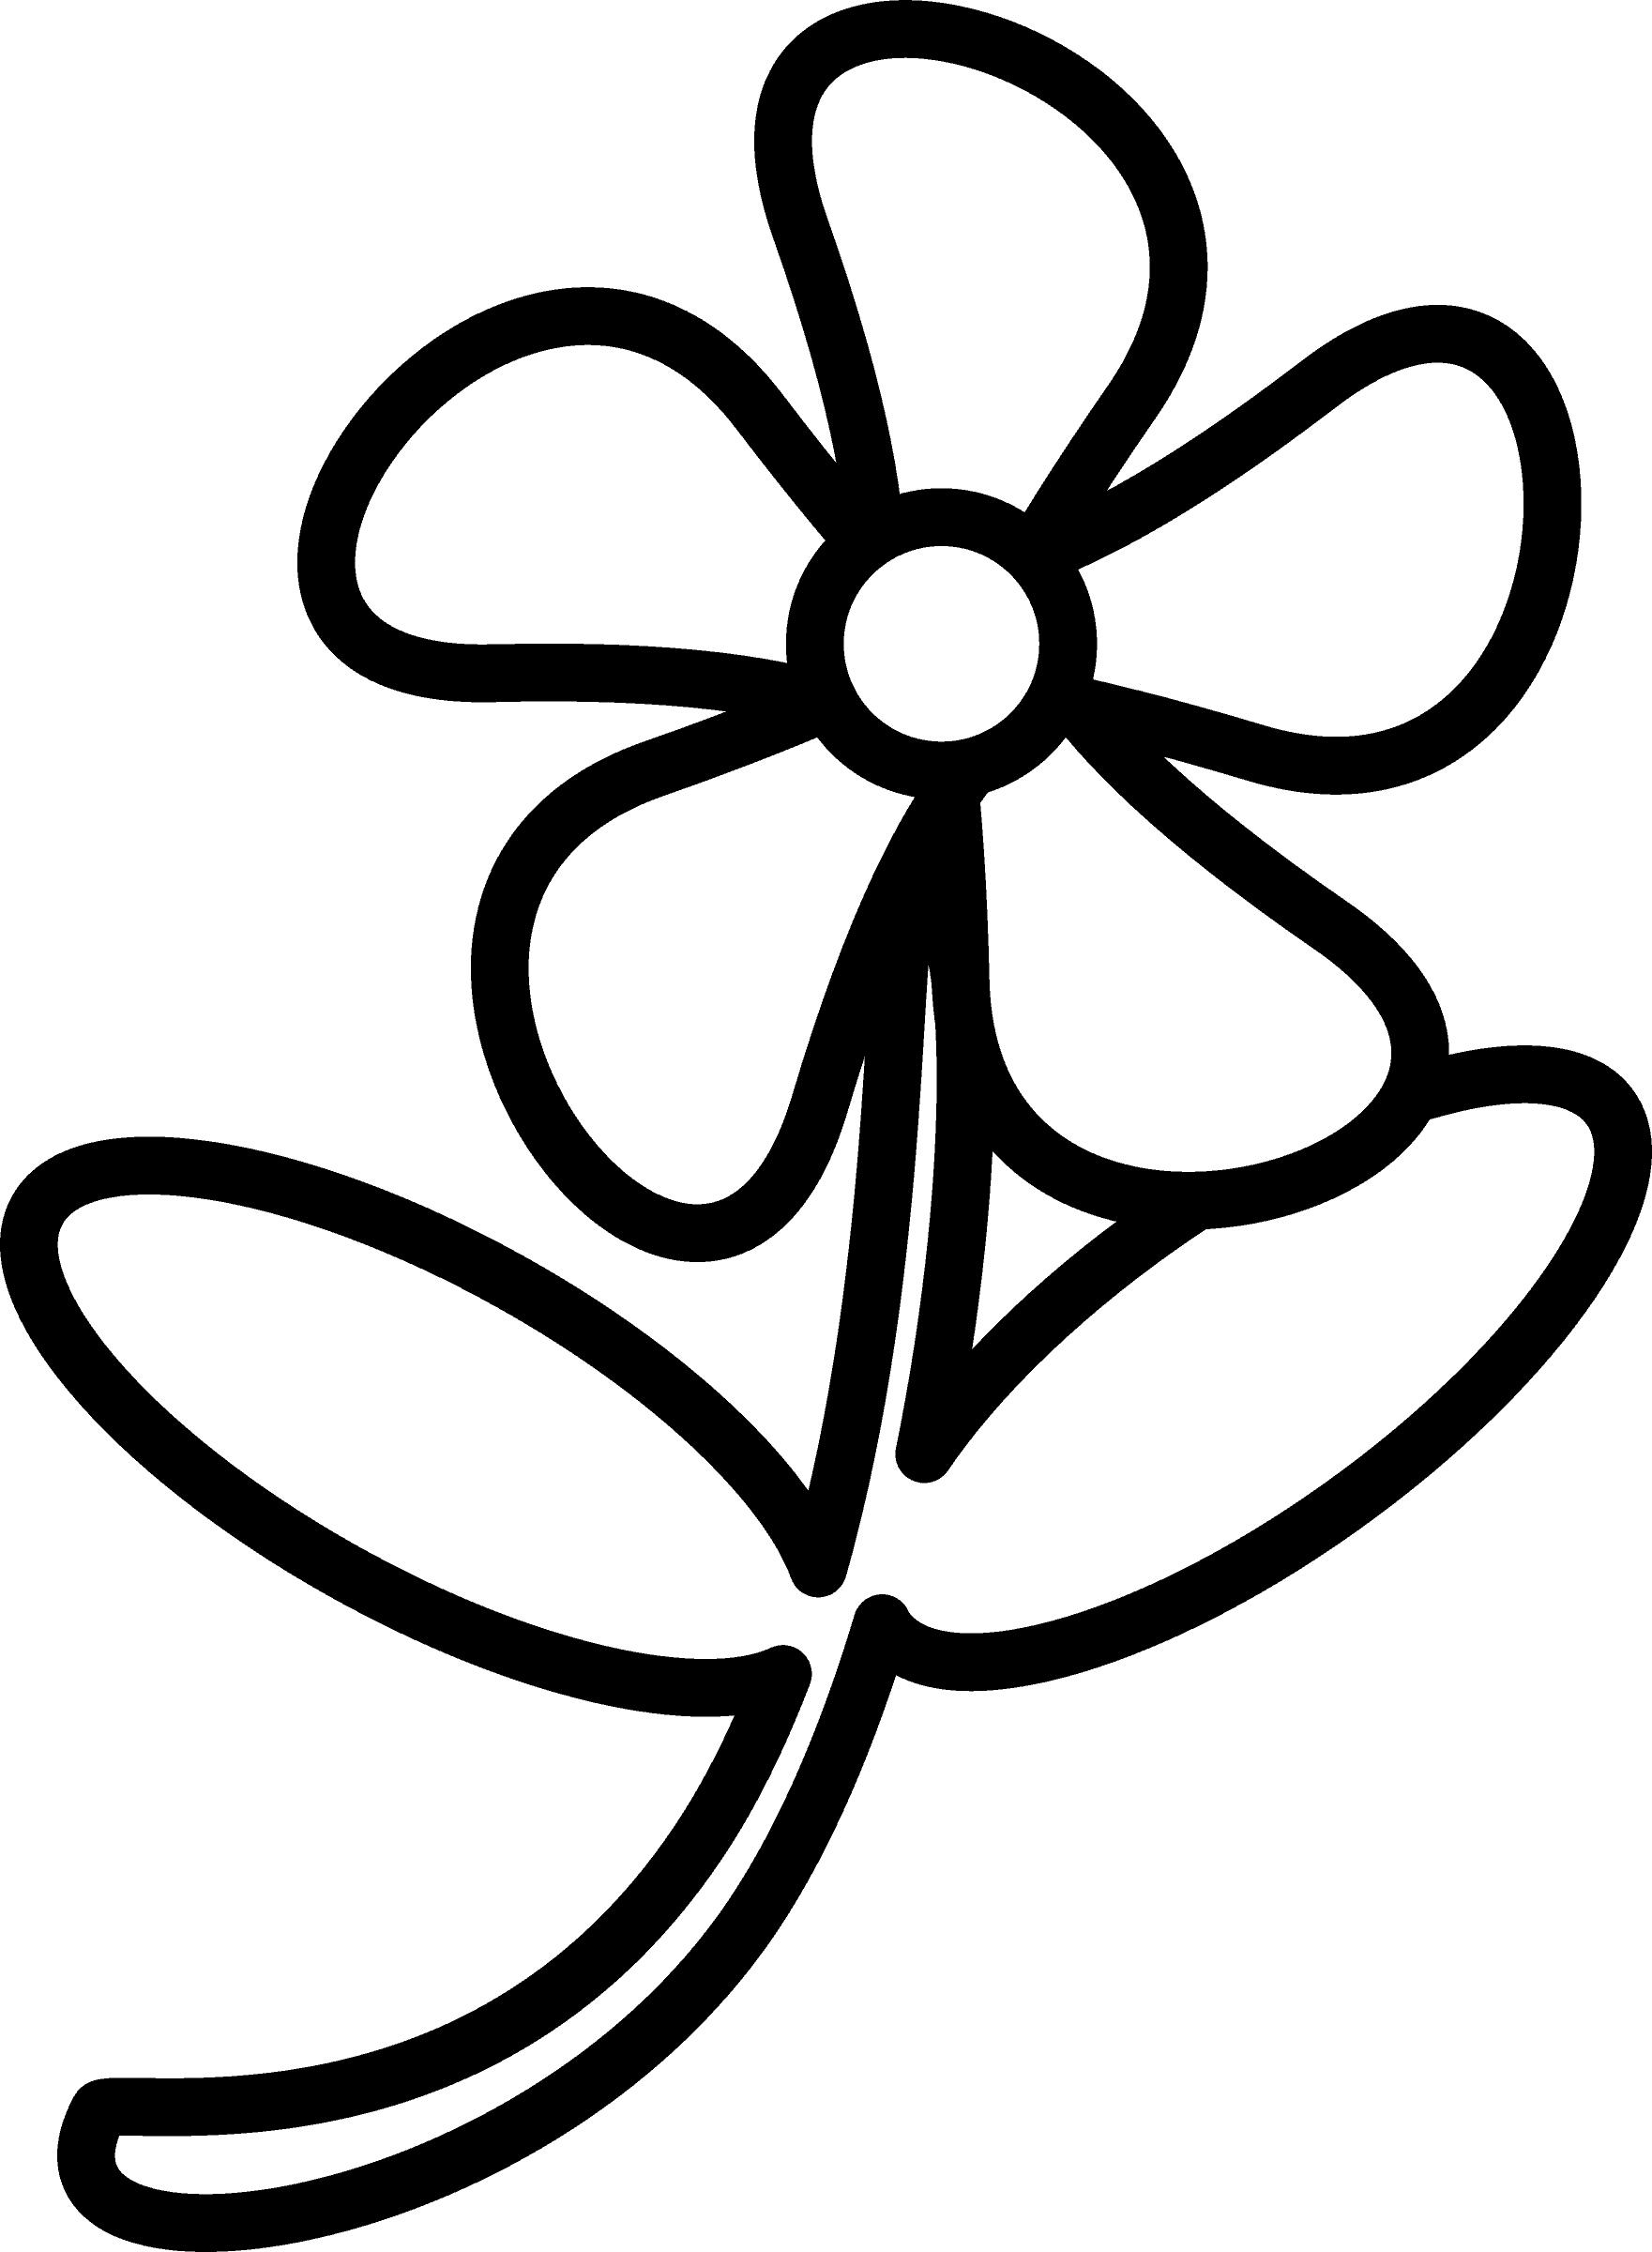 Worksheet. Imgenes de Flores para colorear  Dibujos De